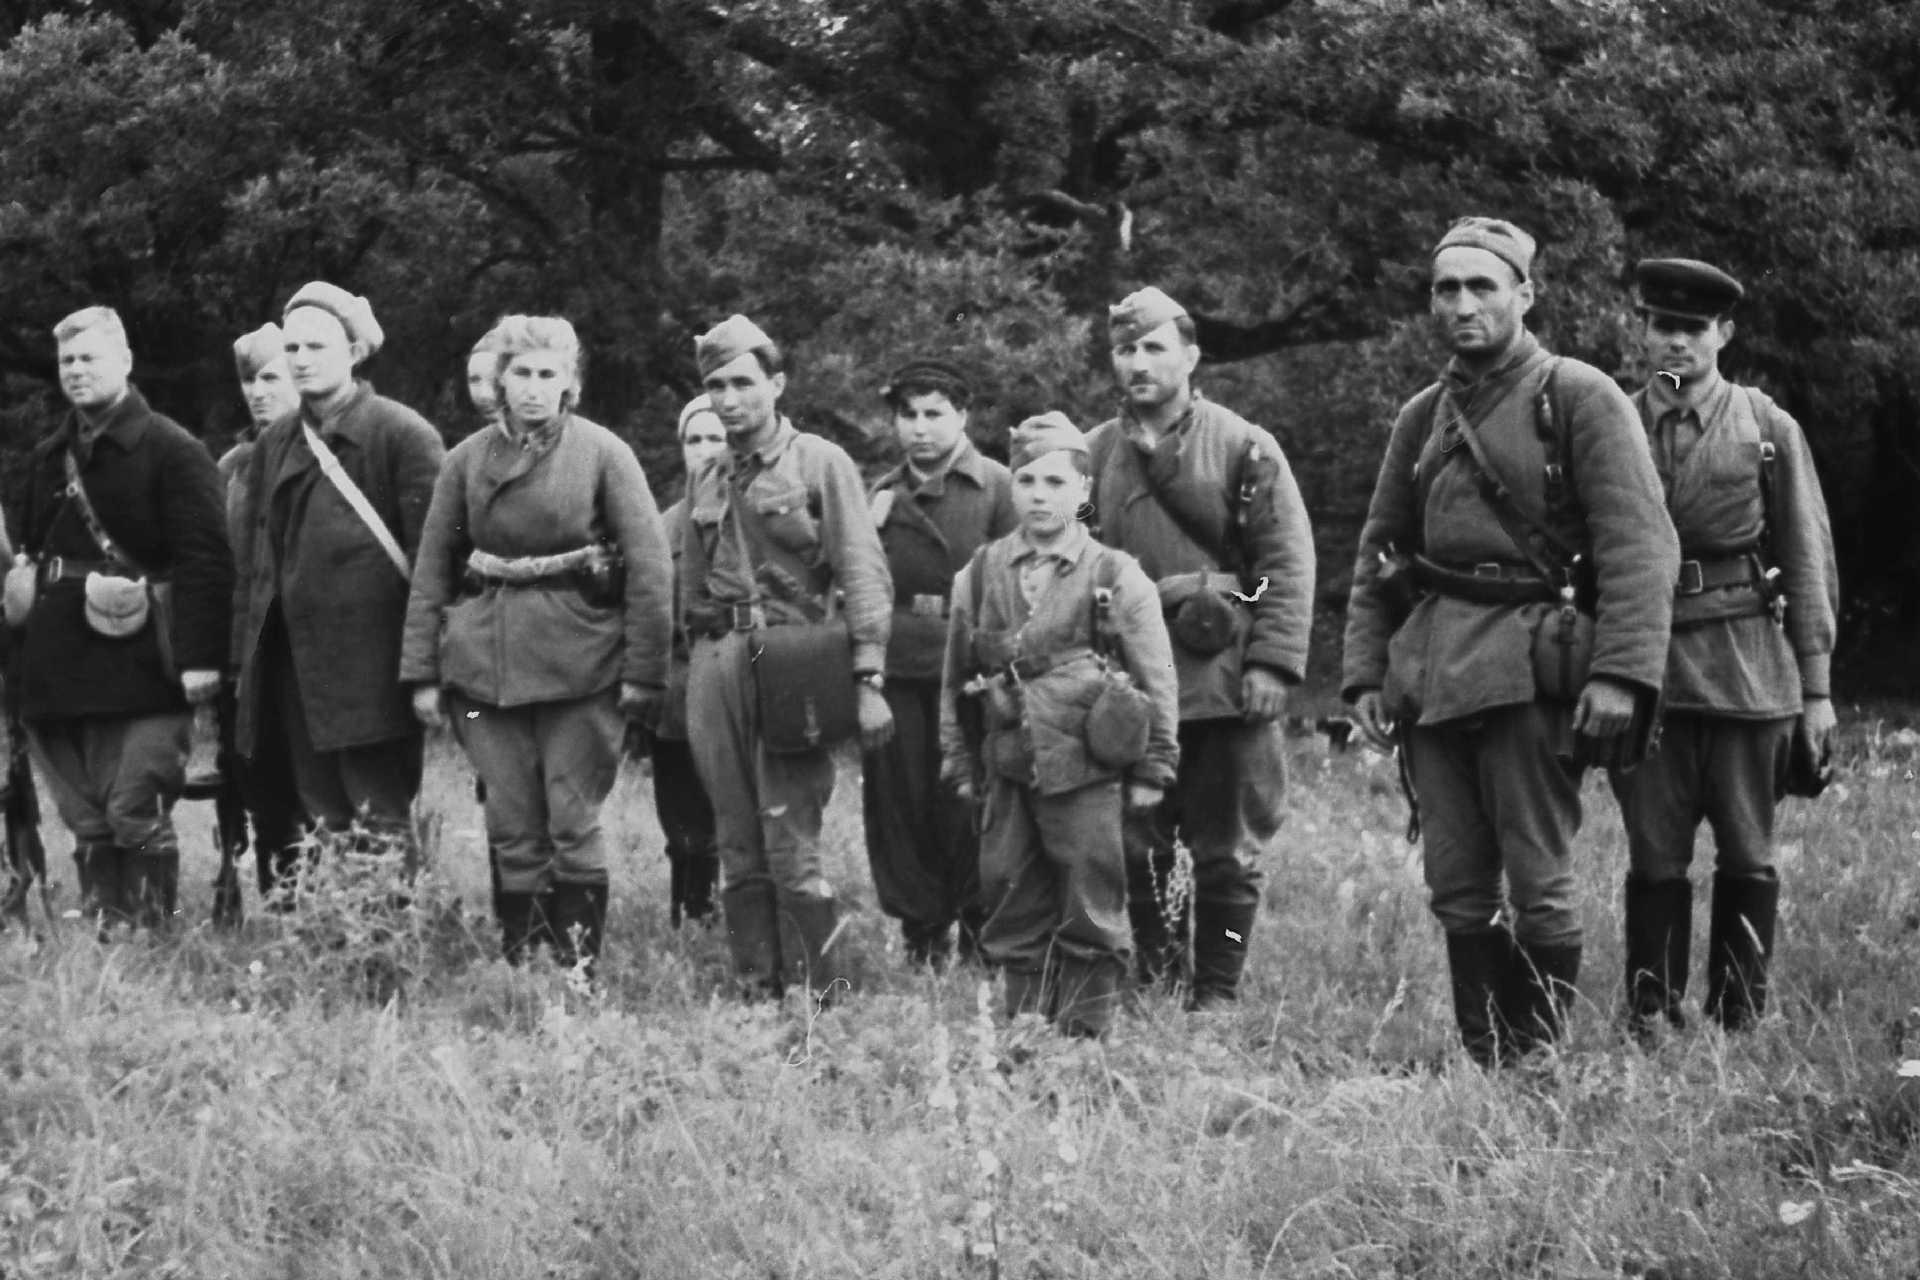 Экспонат #14. Принятие присяги партизанами. Лето 1943 года